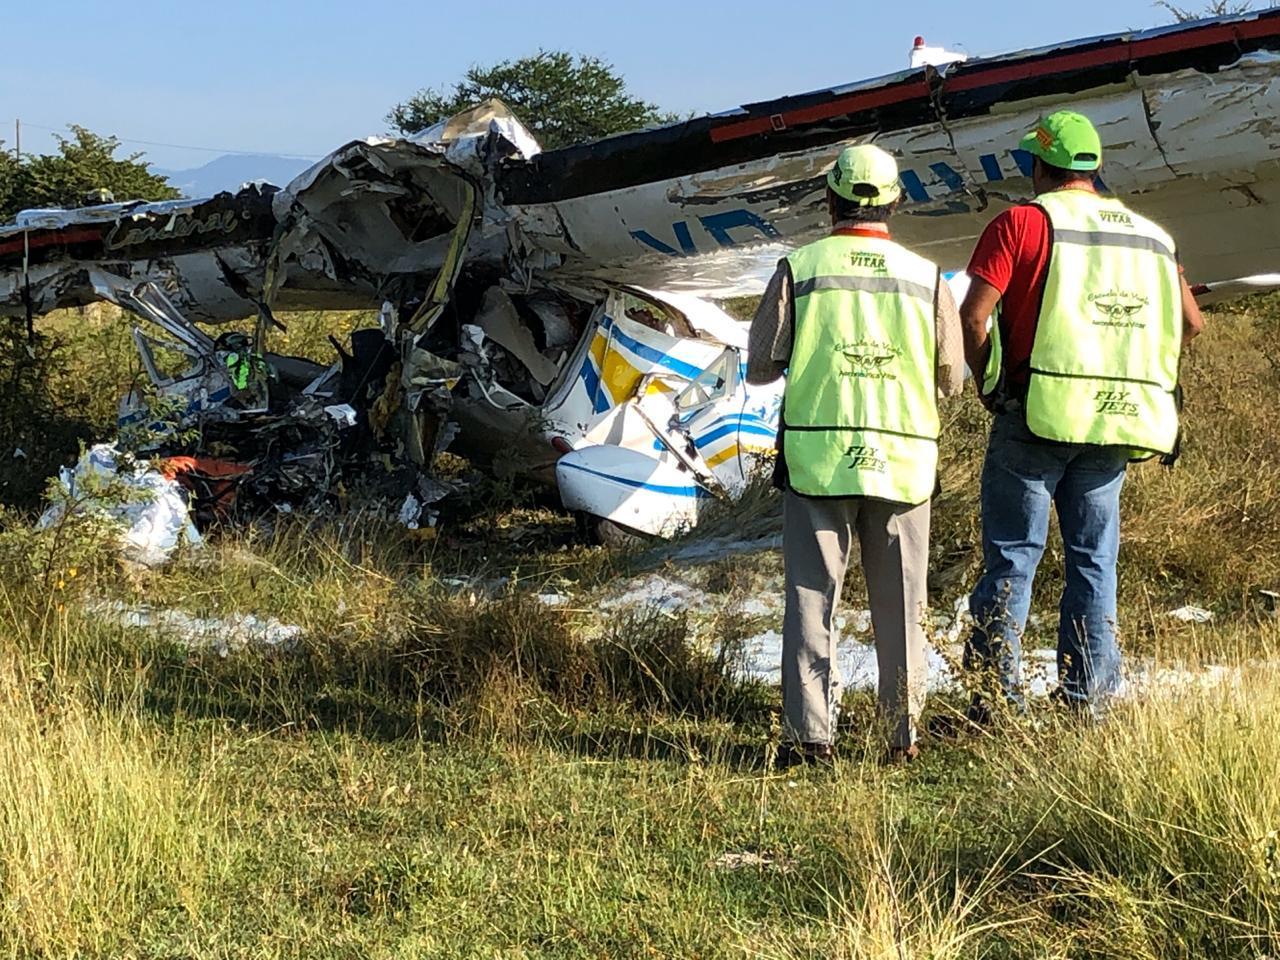 Desploma avión pequeño en Temixco, Morelos; hay dos personas muertas